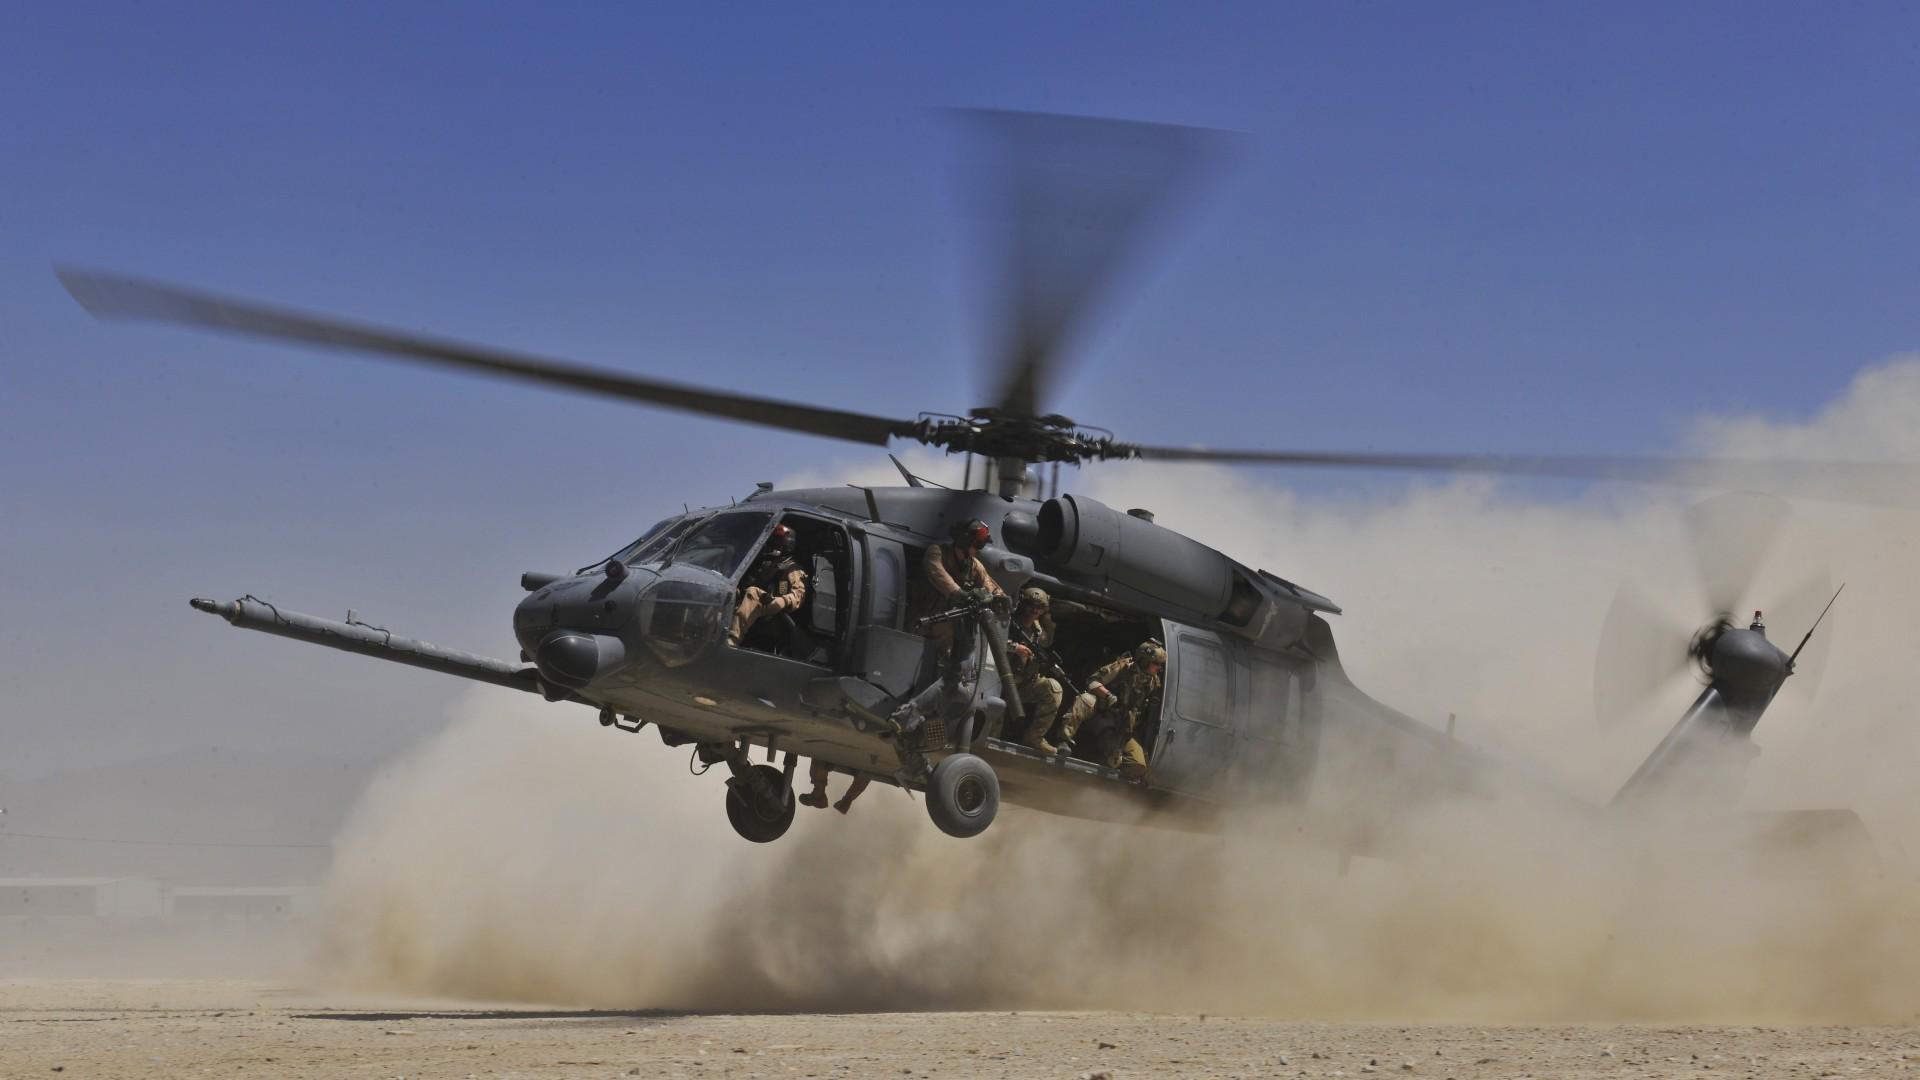 Обои MH-60R, армия, Sea Hawk helicopter. Авиация foto 9